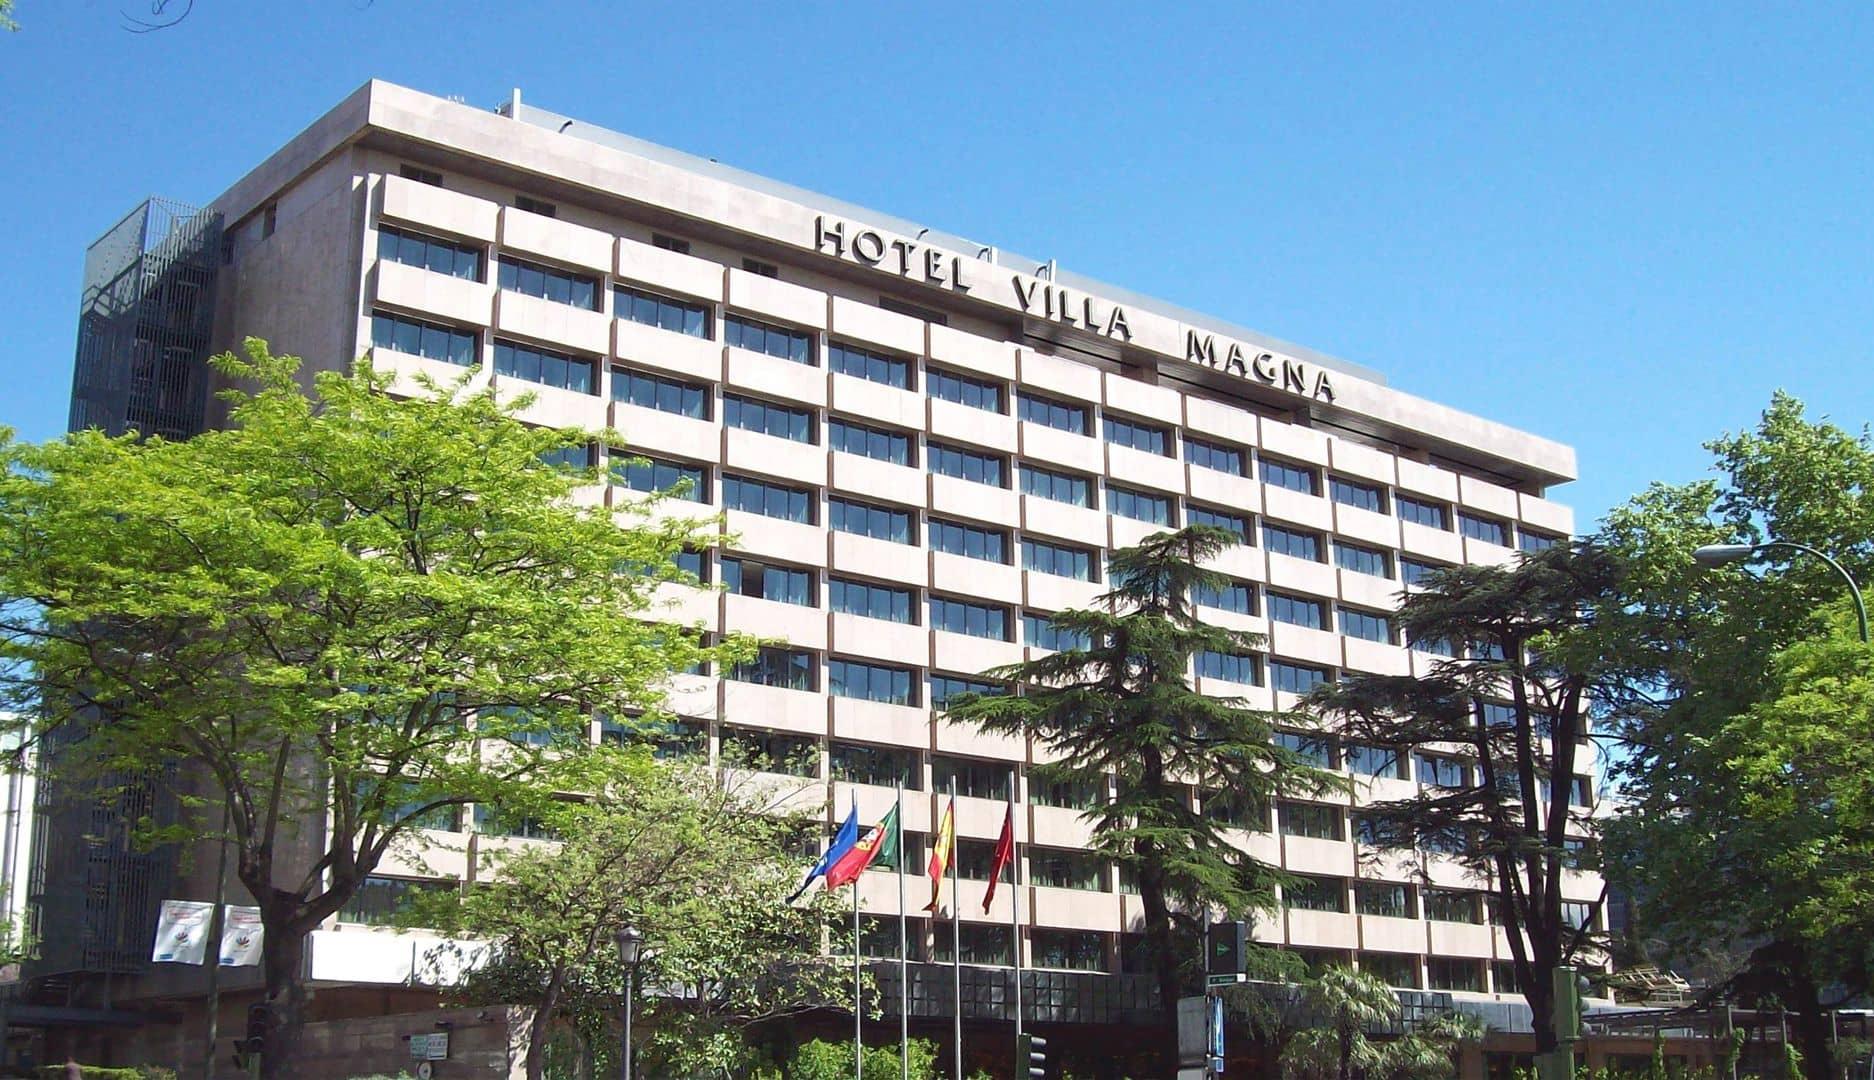 Hotel villamagna fsl ingenieros - Villamagna hotel madrid ...